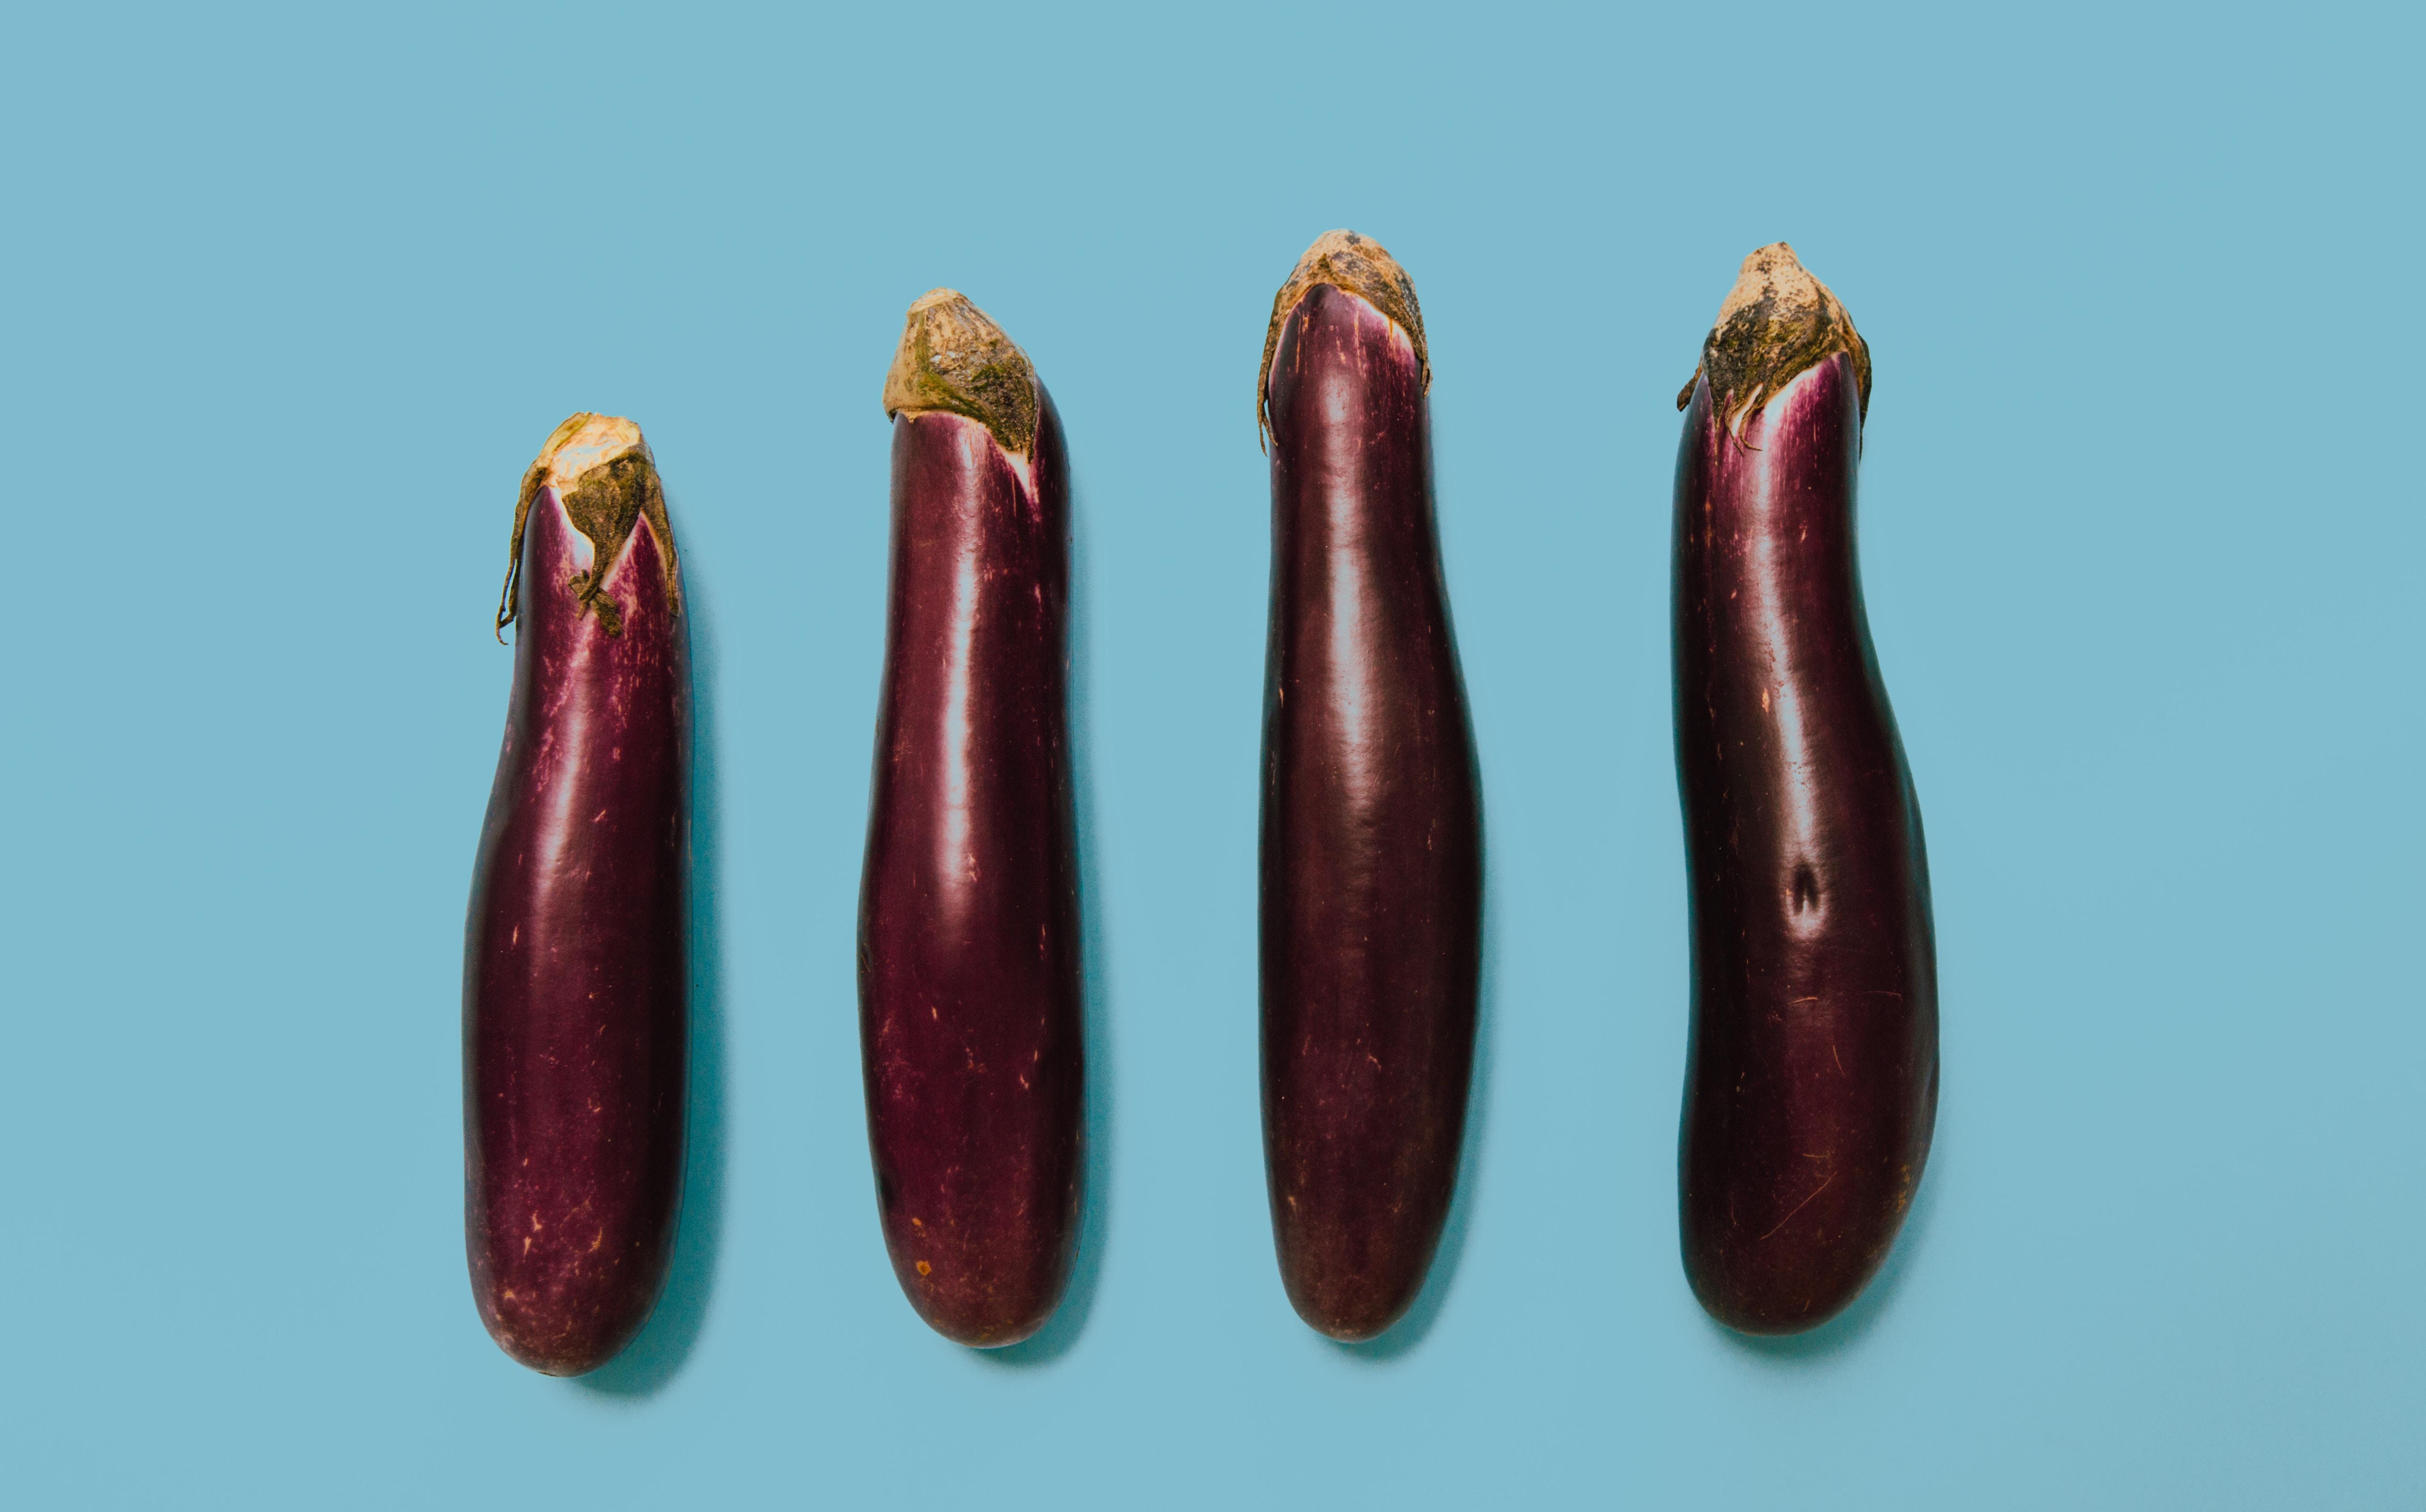 cum se restabilește erecția penisului dimensiunea optimă a penisului pentru bărbați